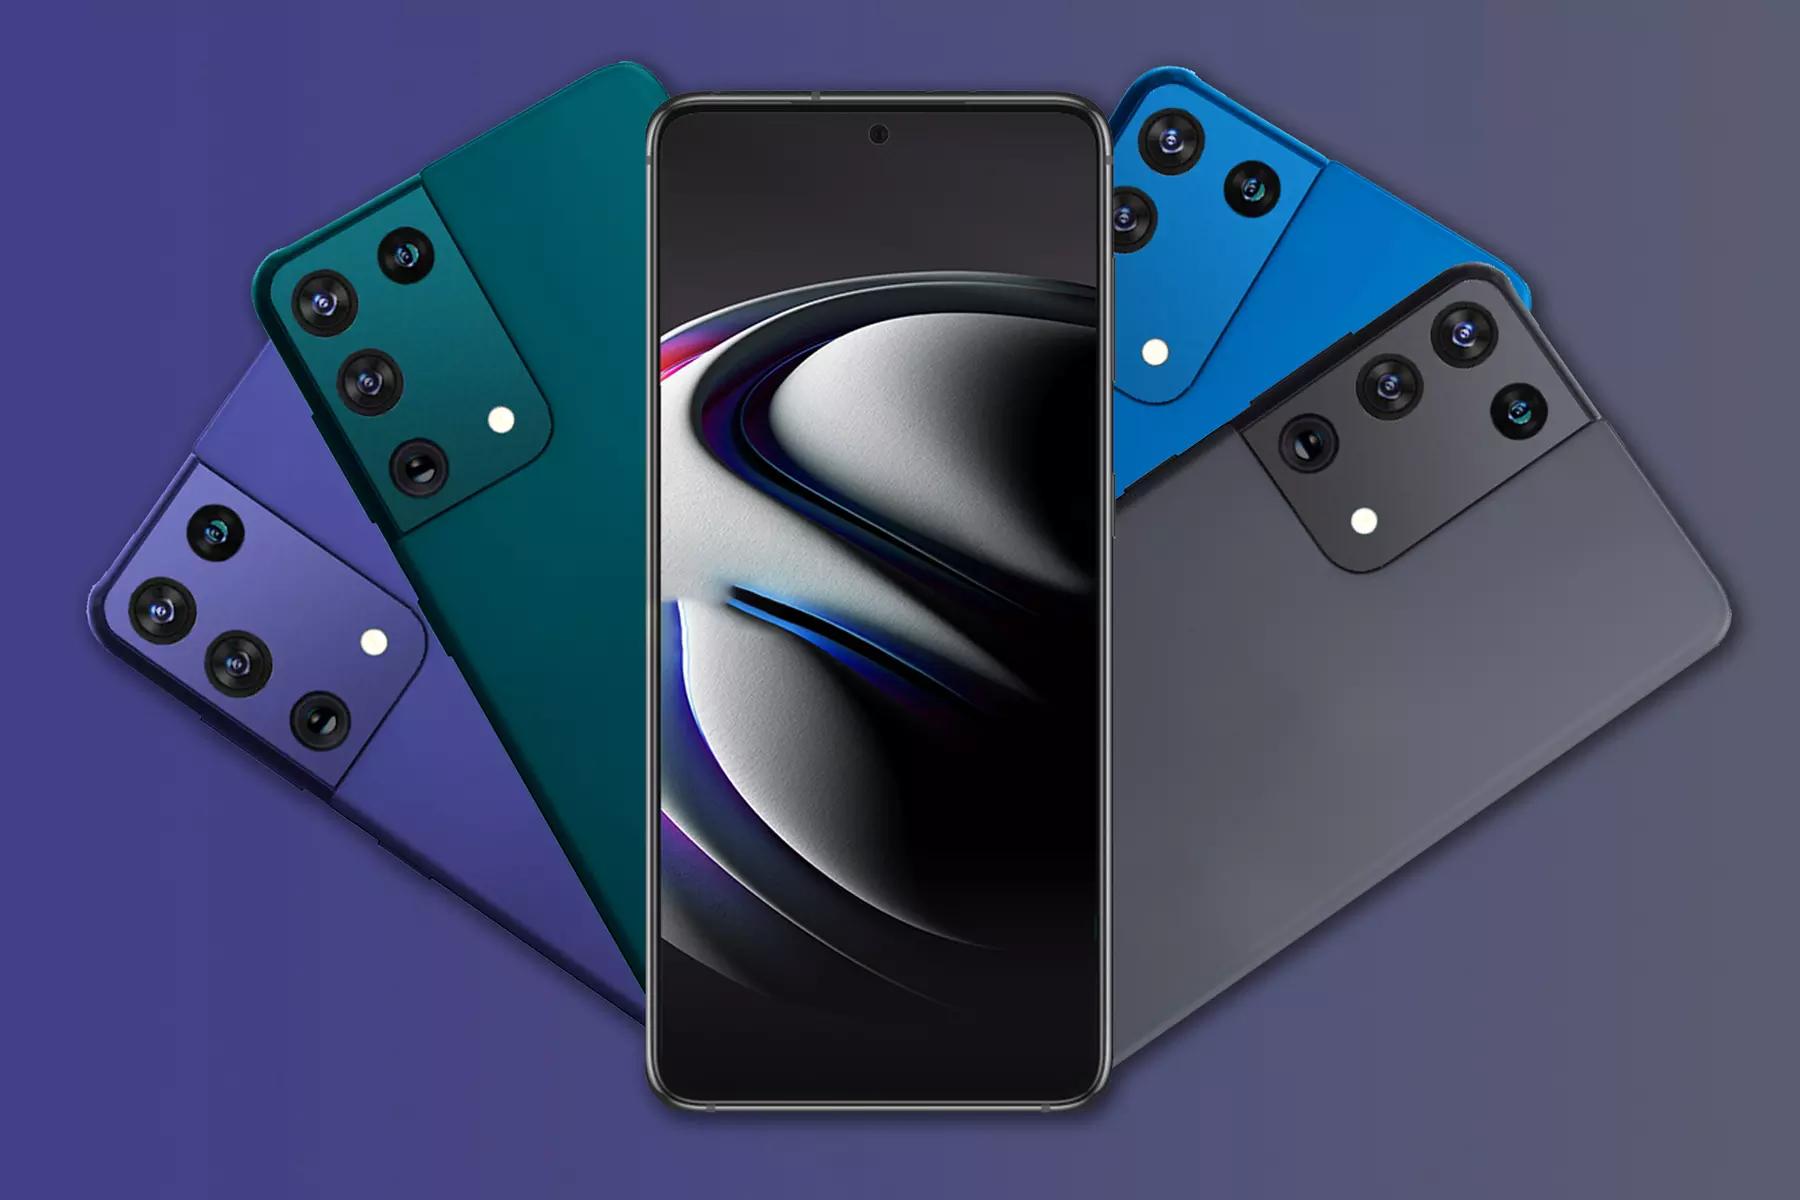 Раскрыта производительность грядущего флагманского смартфона Samsung Galaxy S21